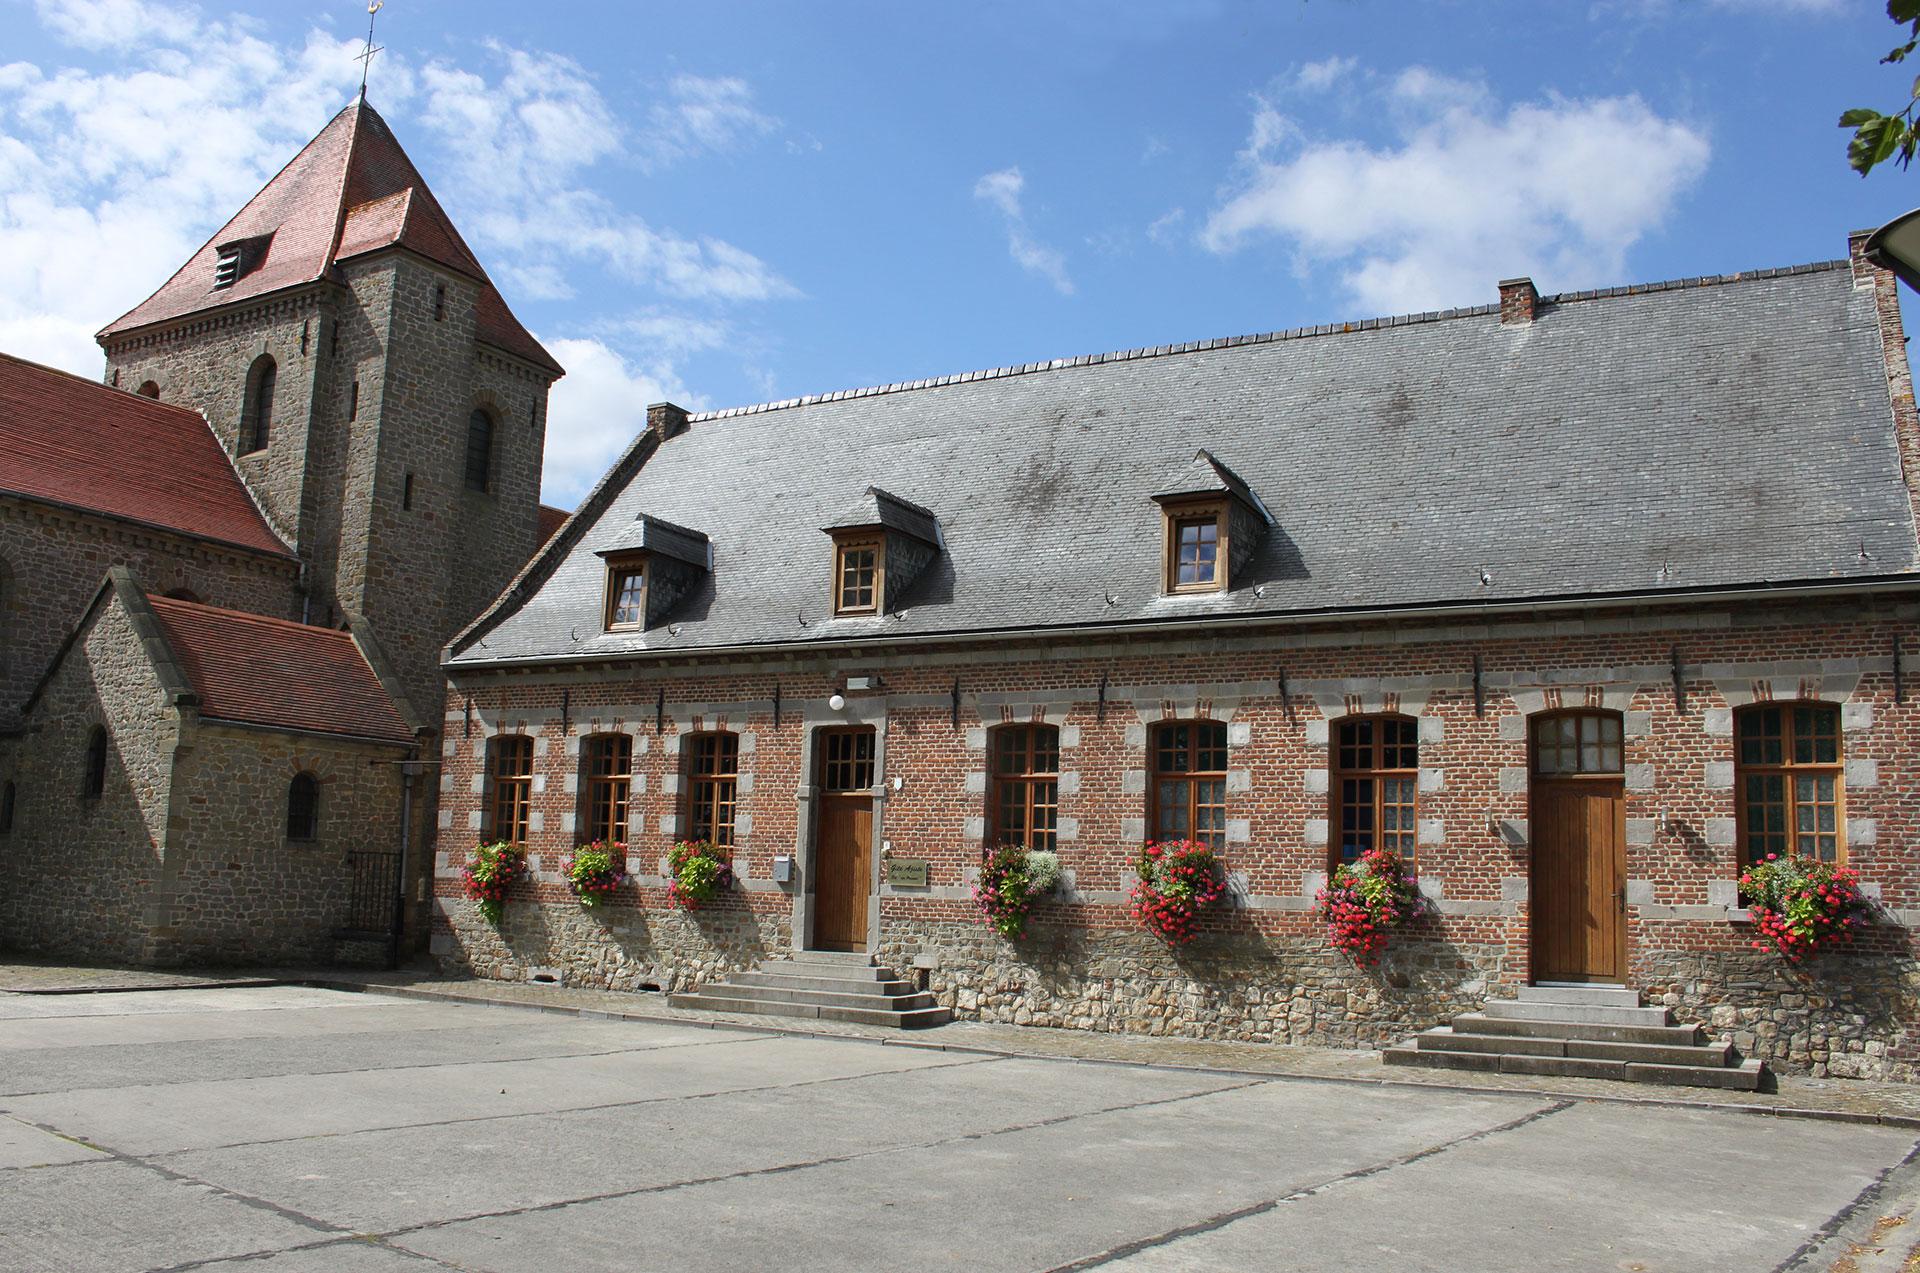 Les plus beaux villages de Wallonie - Aubechies - clocher - cour intérieur - ciel bleu